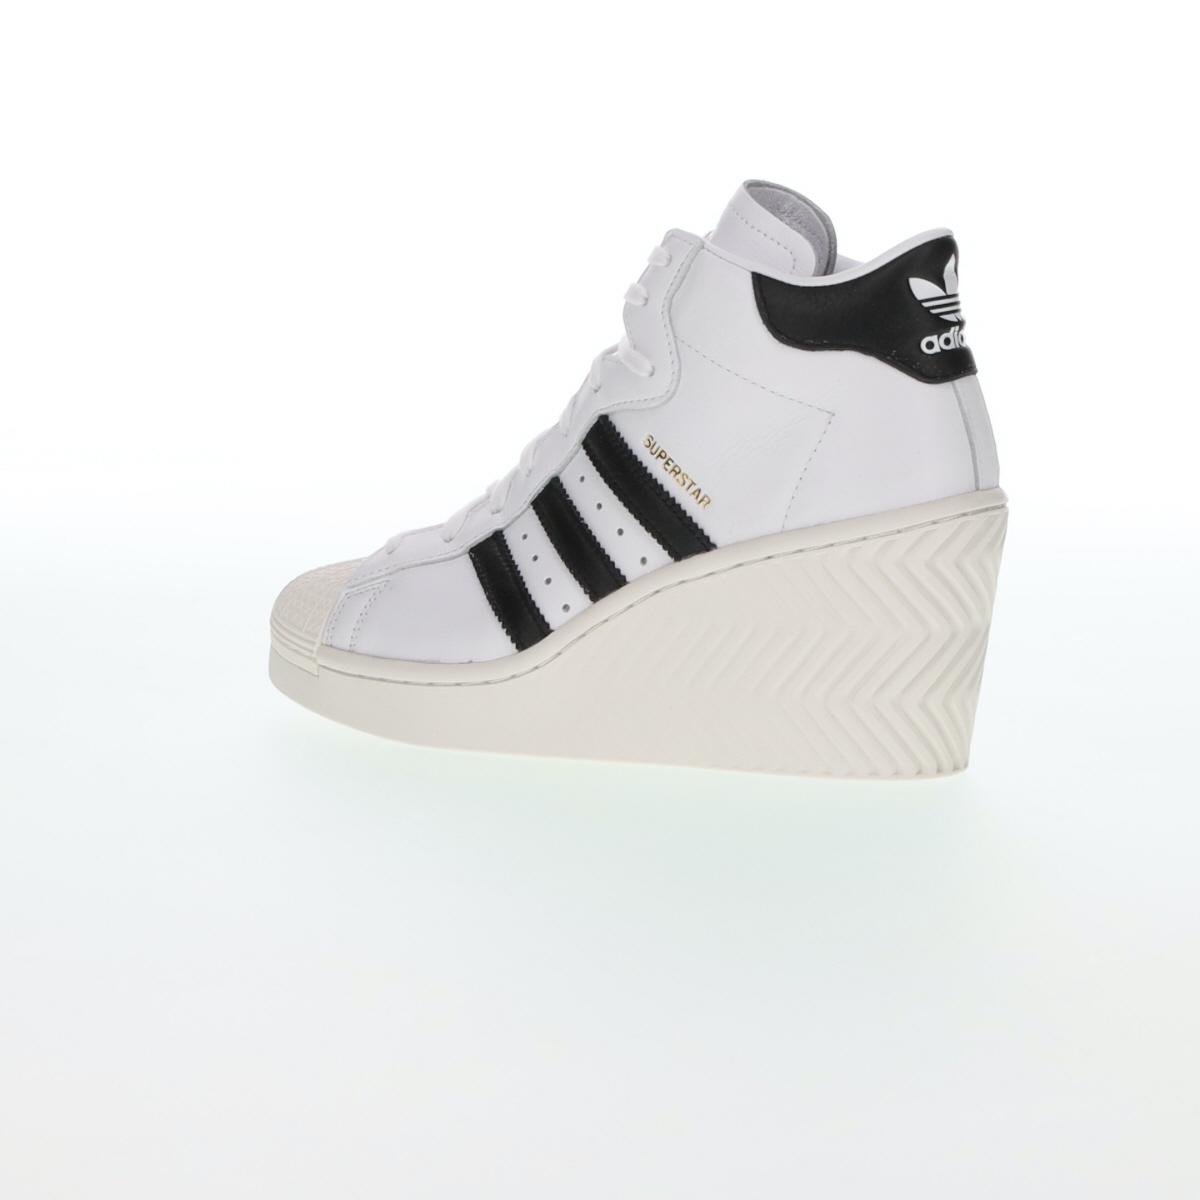 adidas b37719 sneakers sale